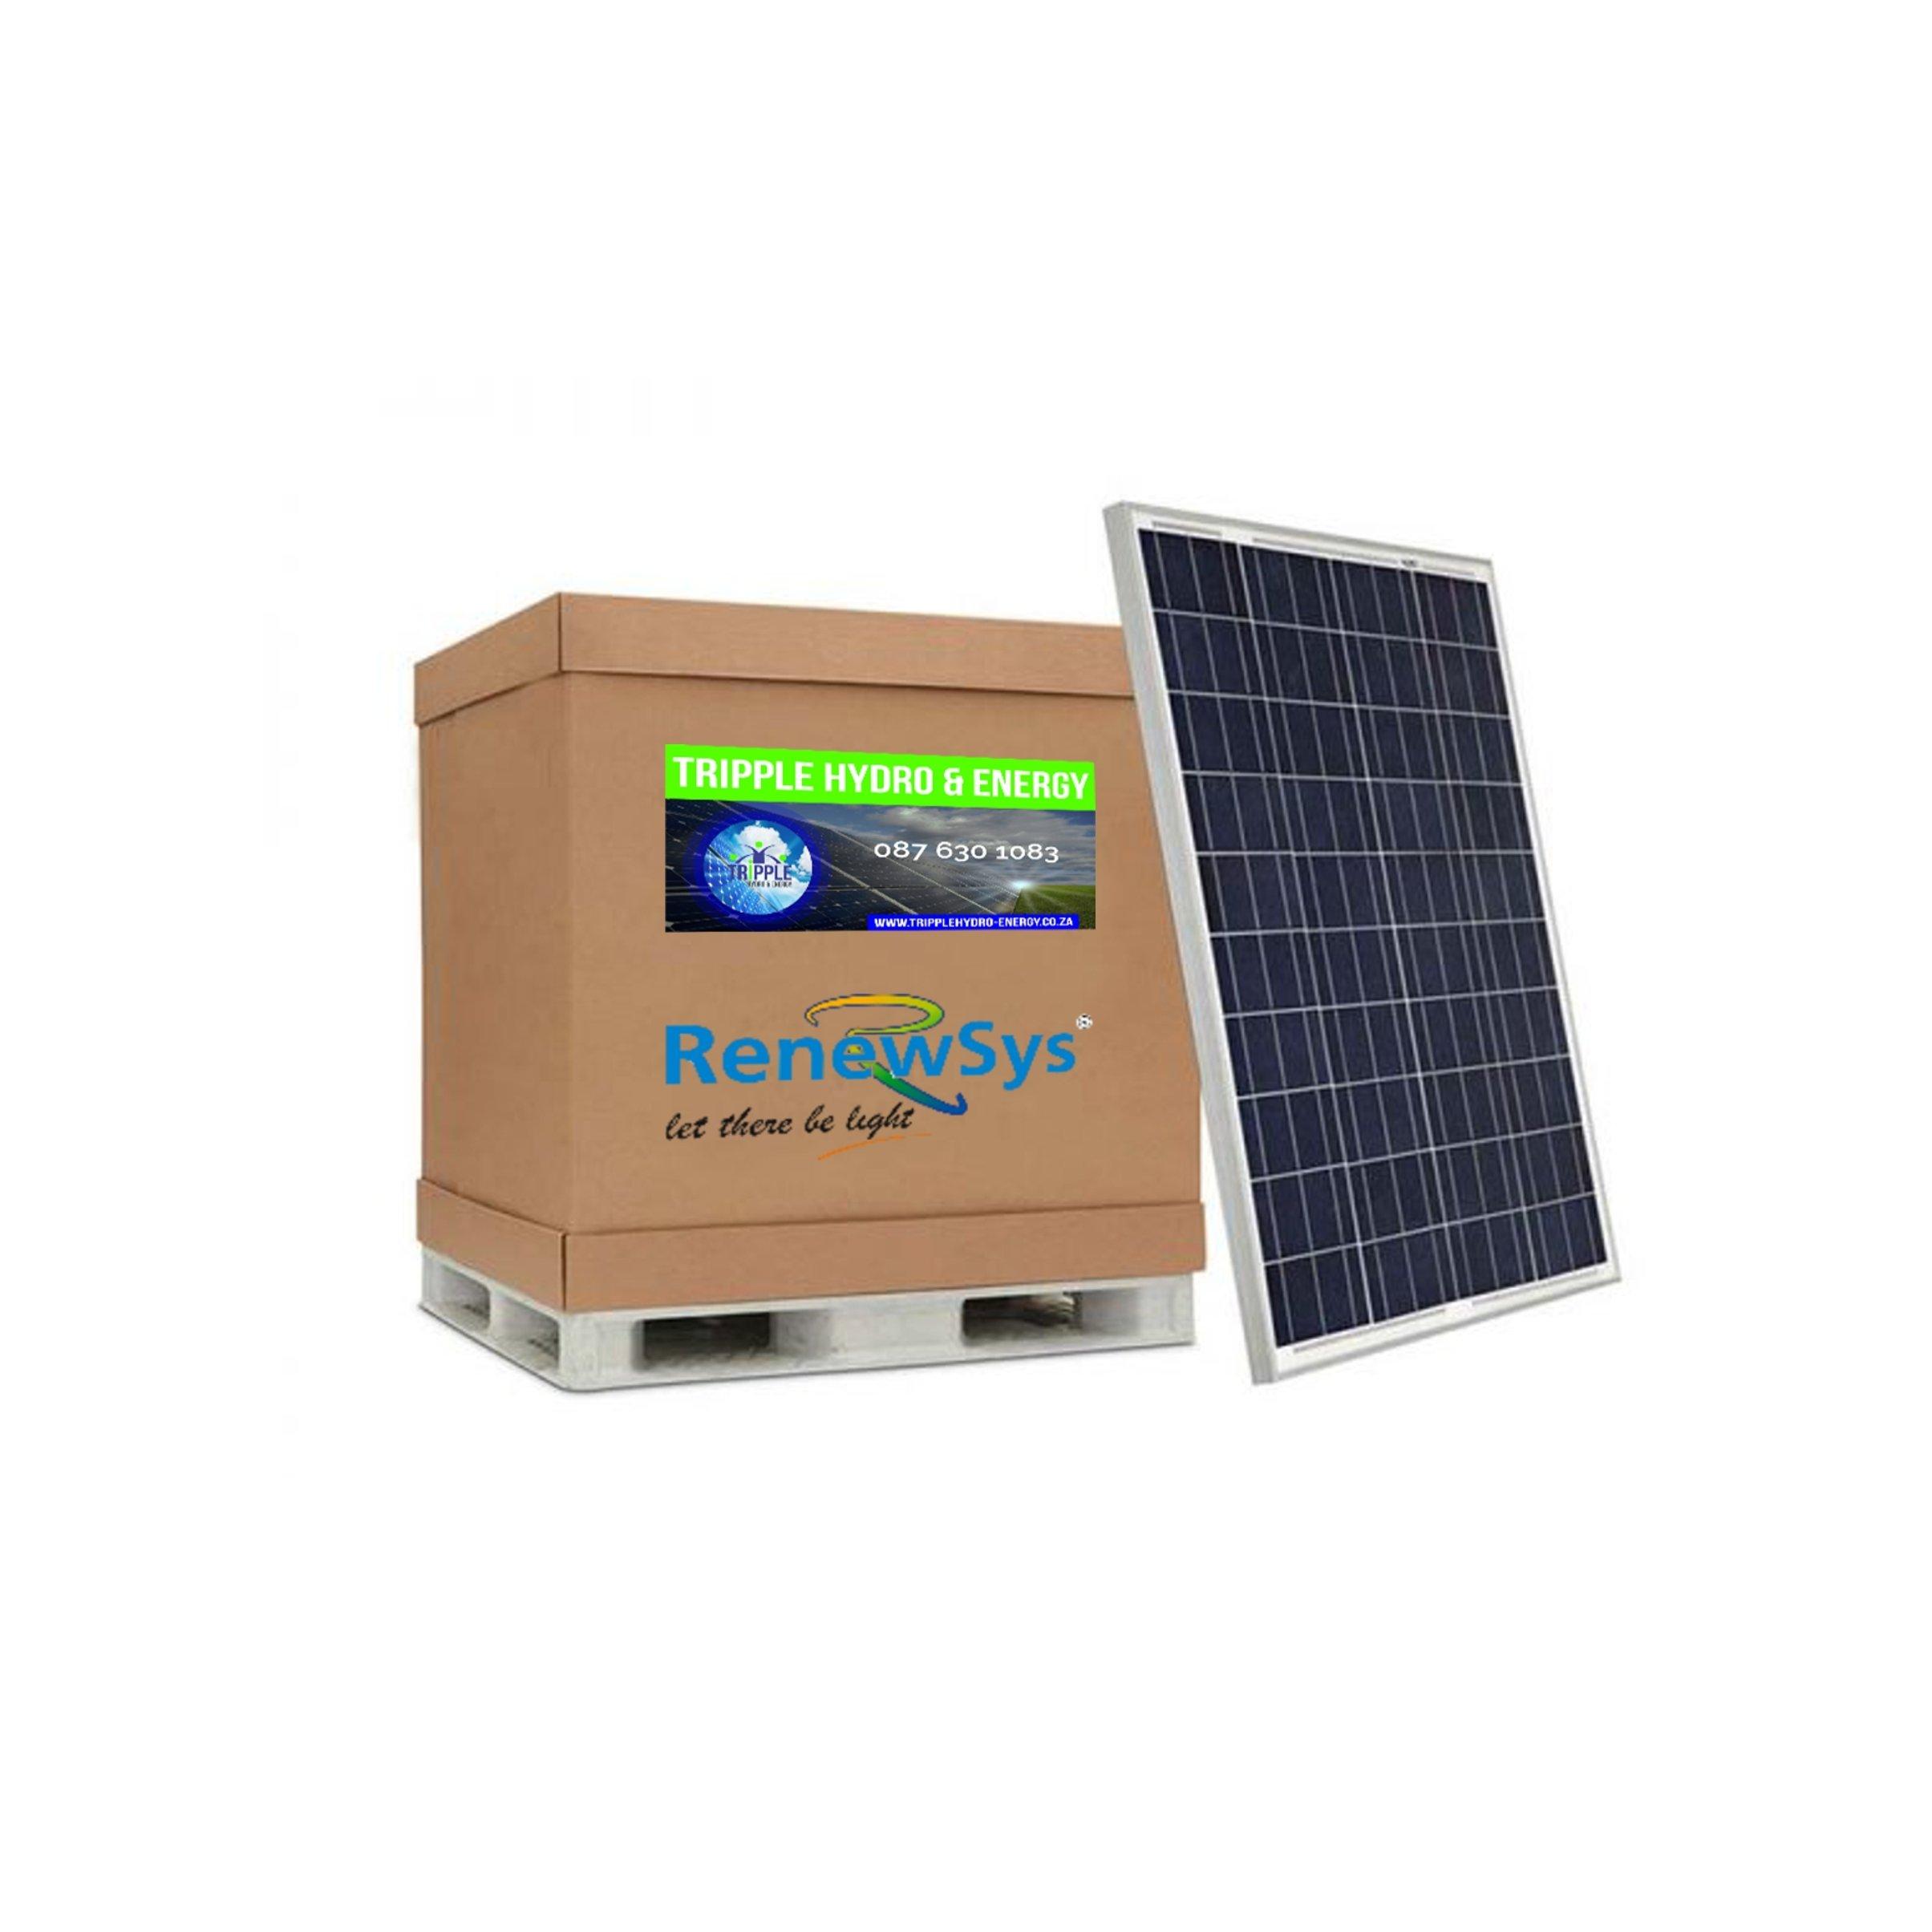 Renewsys 300 Watt Solar Panel (Pallet of 26)(R5.69/Watt excl Vat) P-REN-300W PC-26